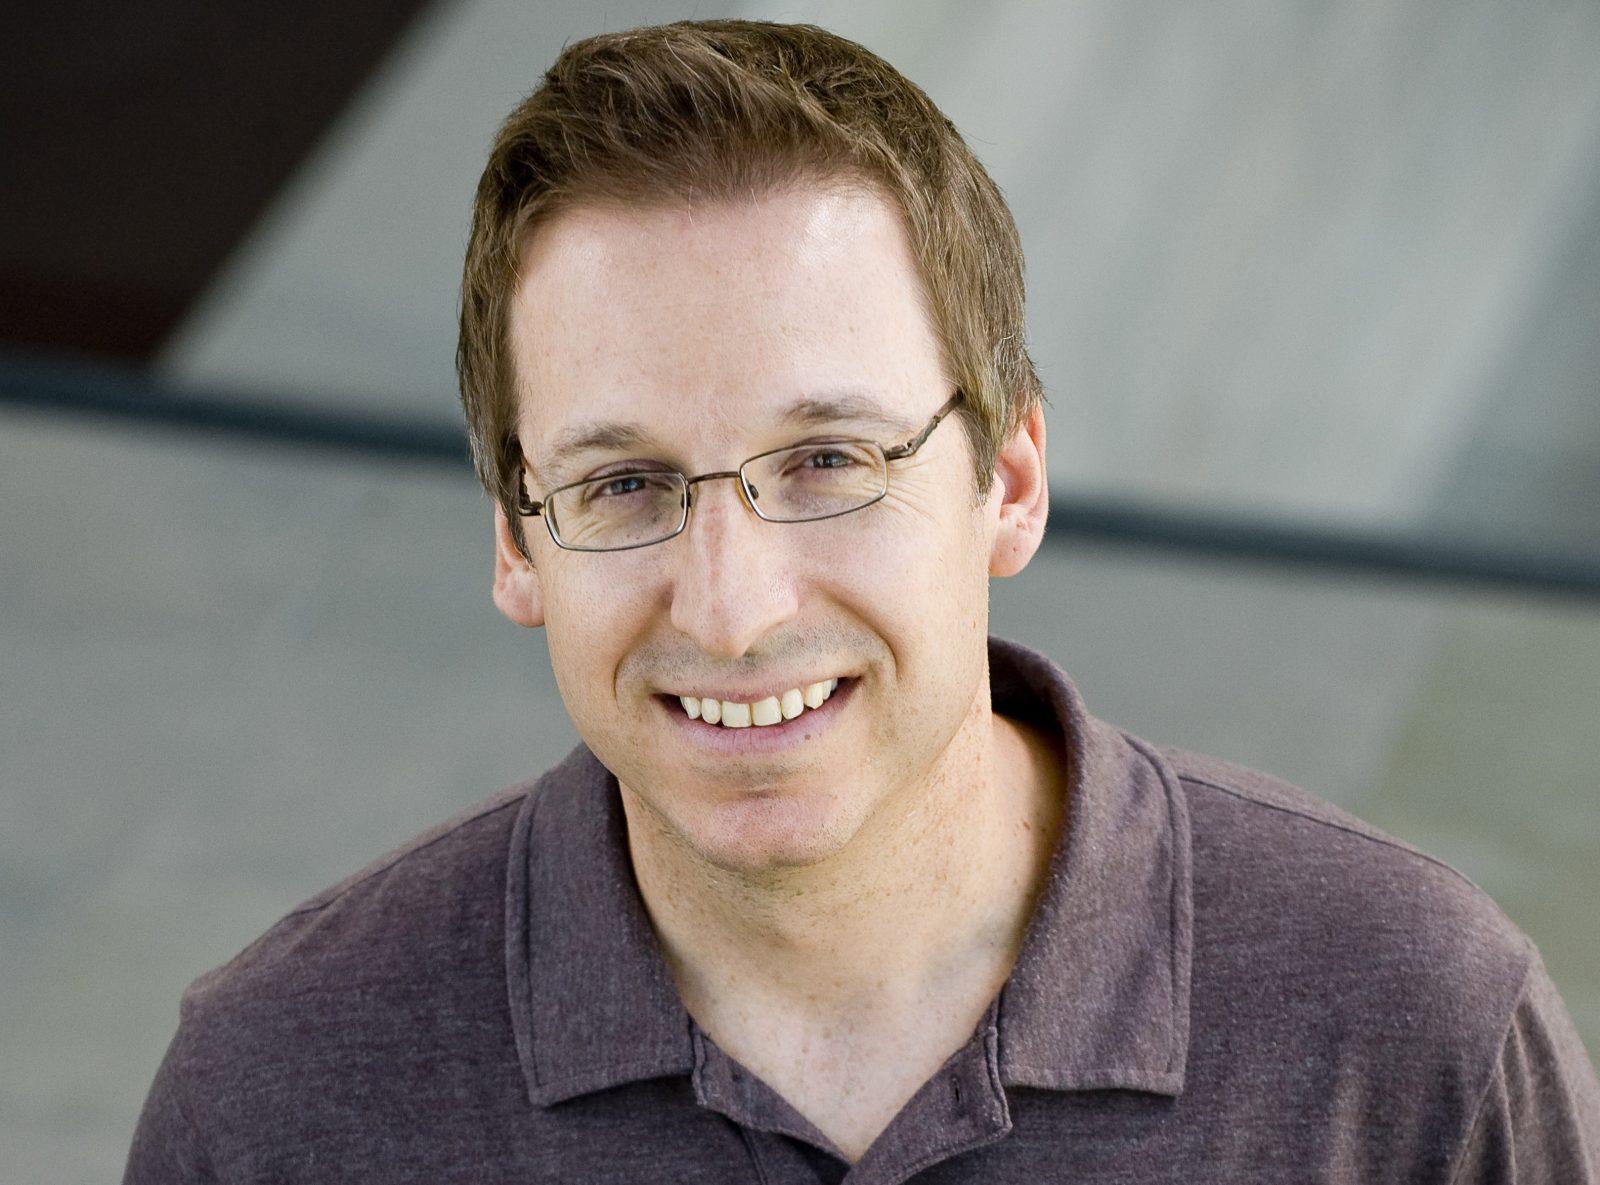 Michael Busseri